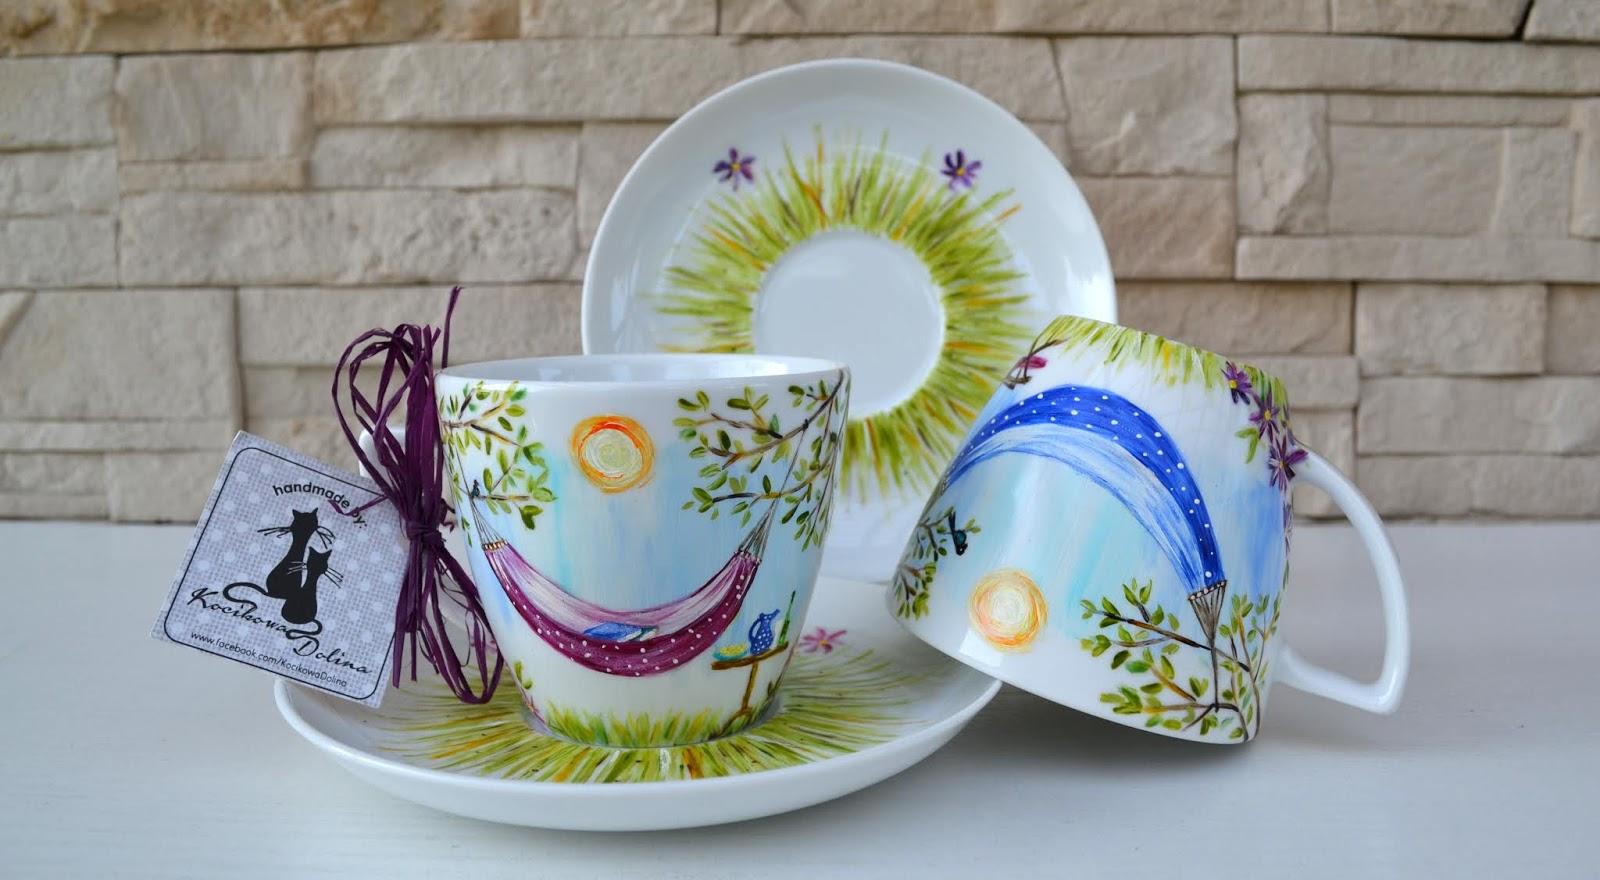 Filiżanki dla par... małe bujanie na porcelanie i coś o zmianach